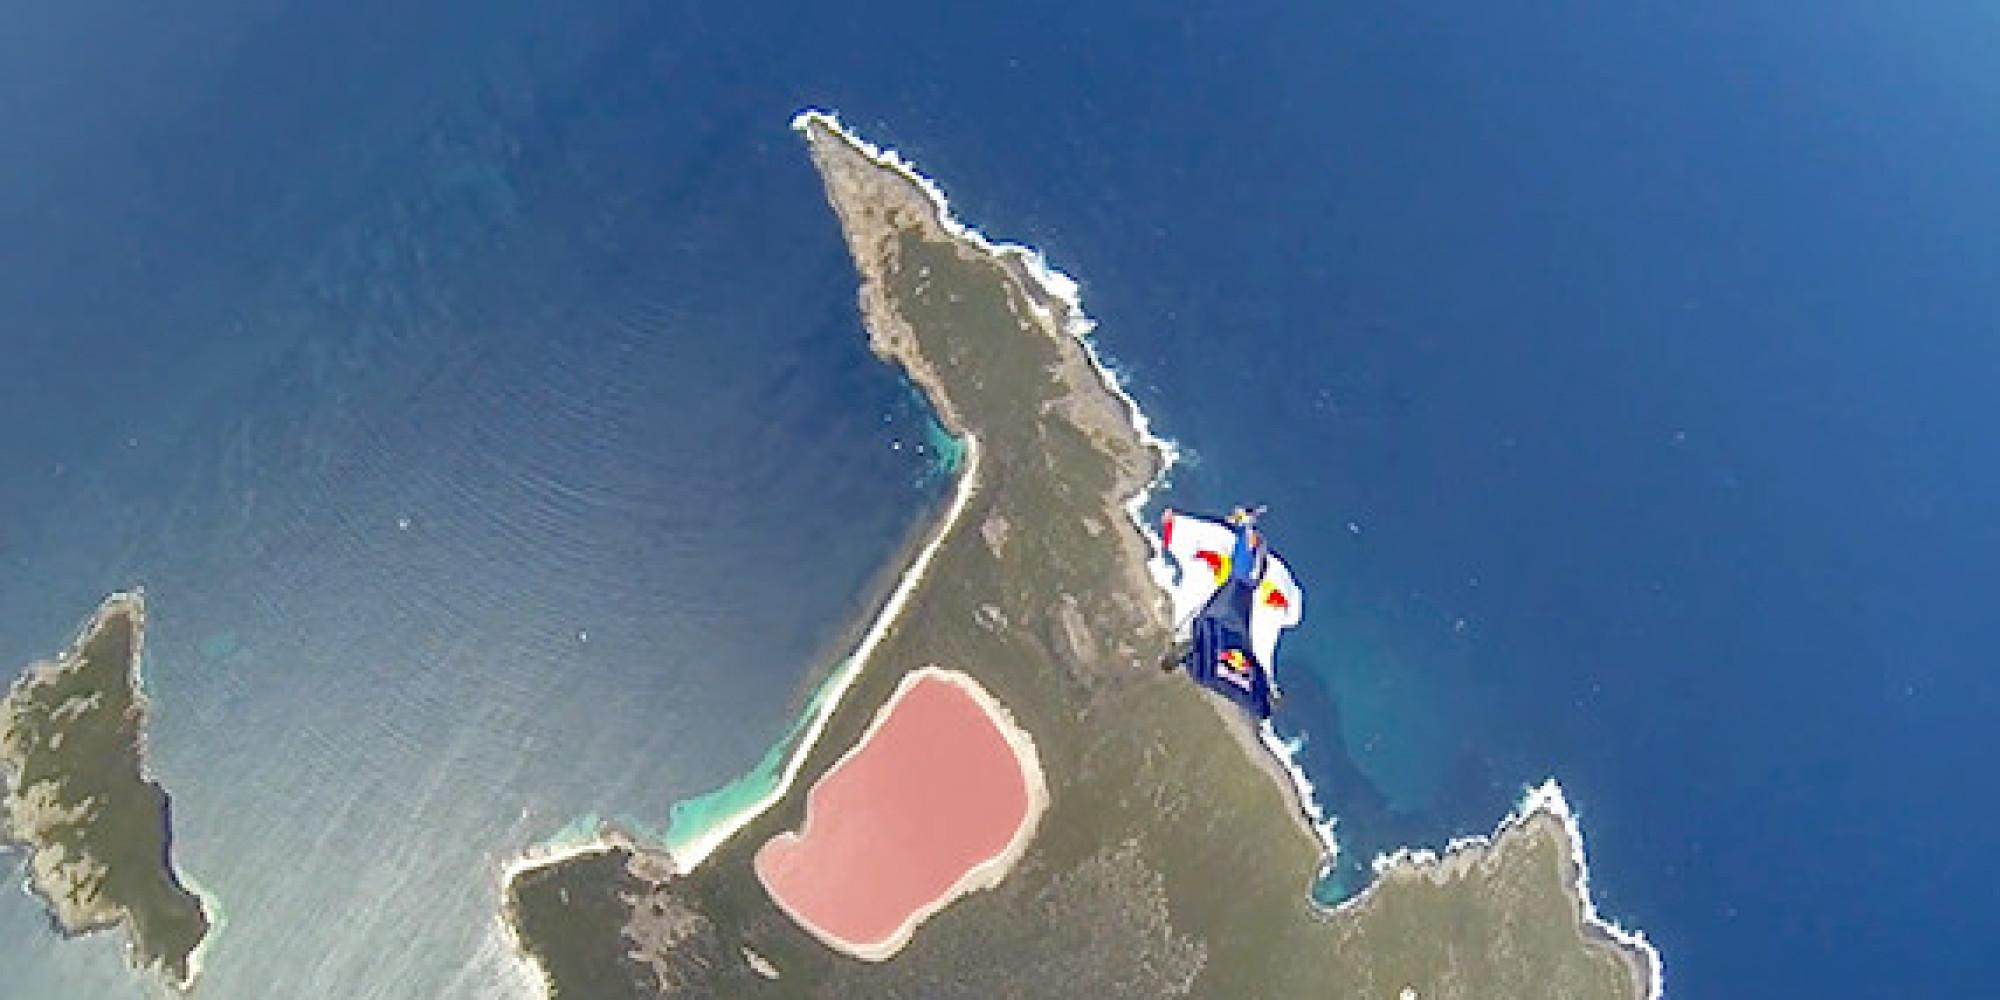 CHUCK-BERRY-WINGSUIT-PINK-LAKE-AUSTRALIA-facebook jpgPink Lake Map